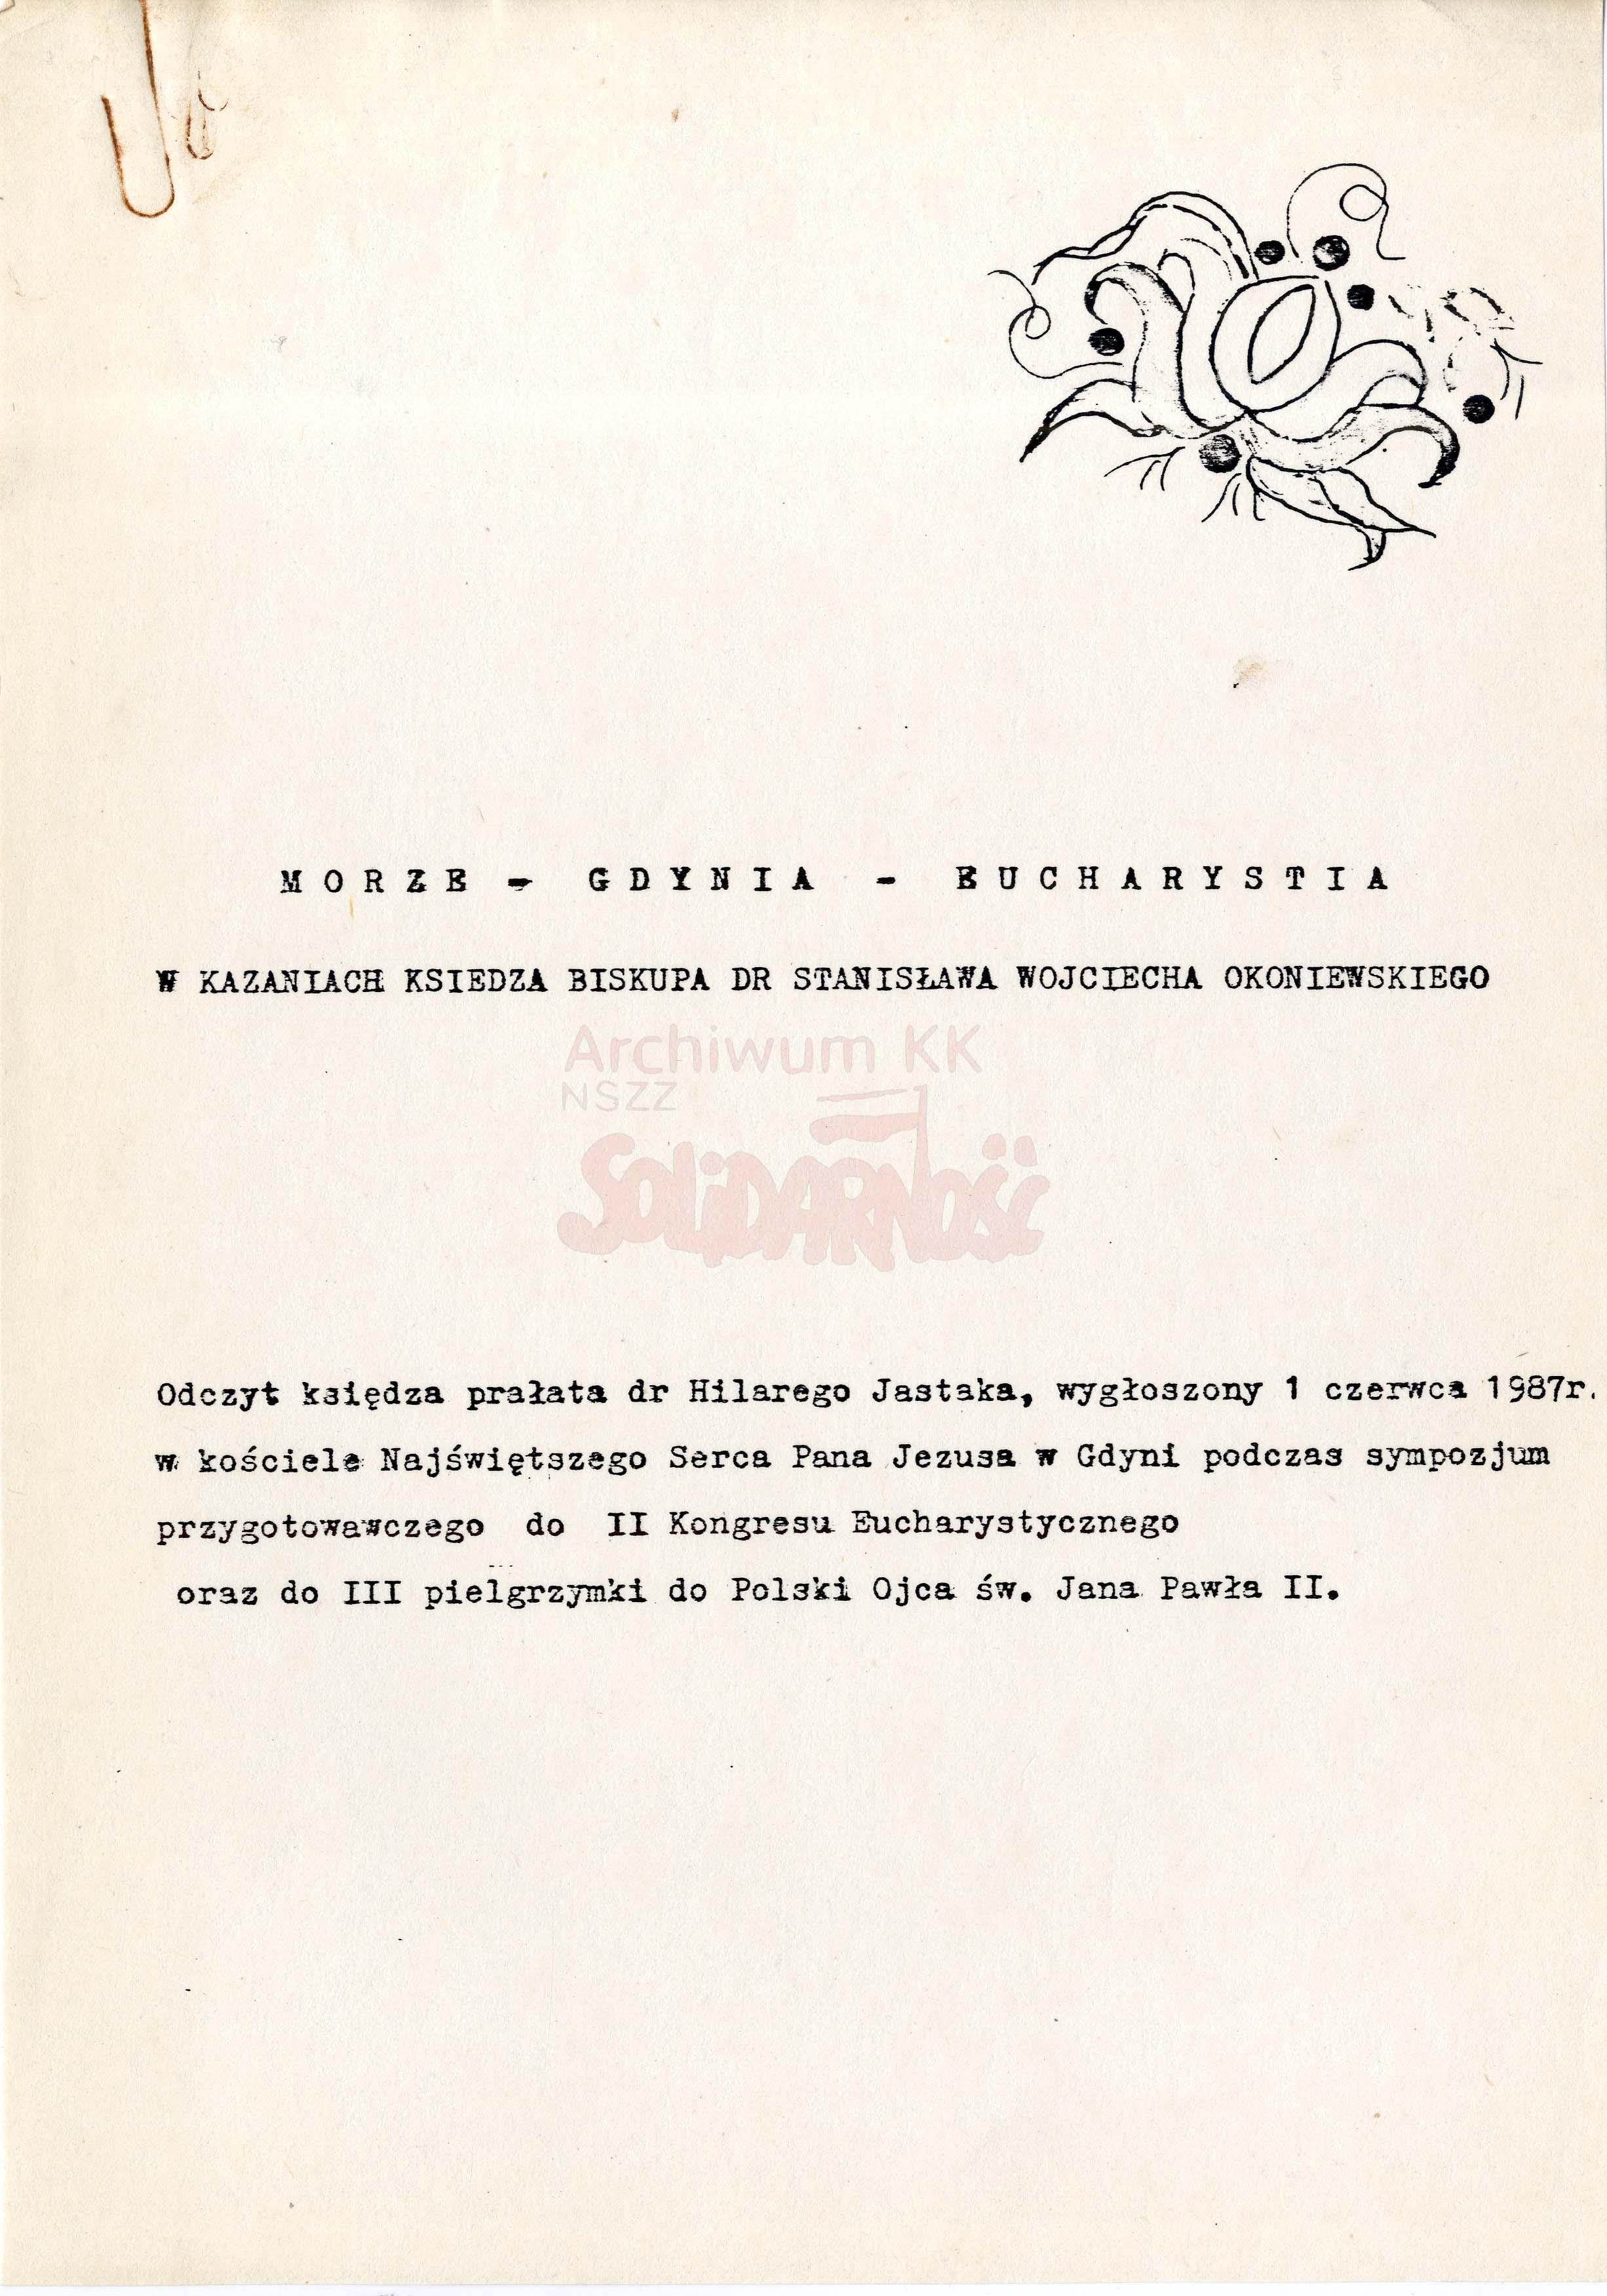 AKKS-347-79-5-001